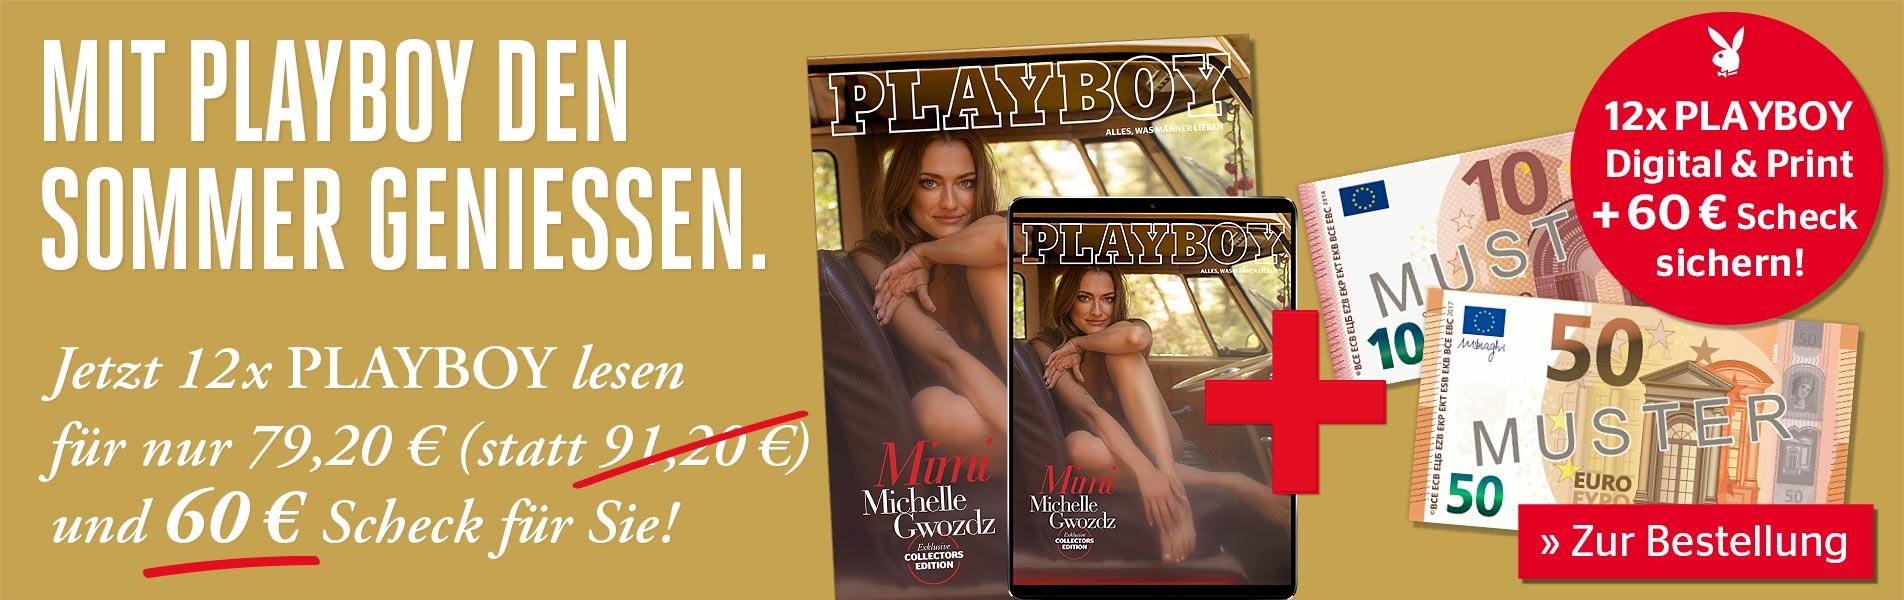 Playboy svenja bachelor sam.leonardjoel.com.au :